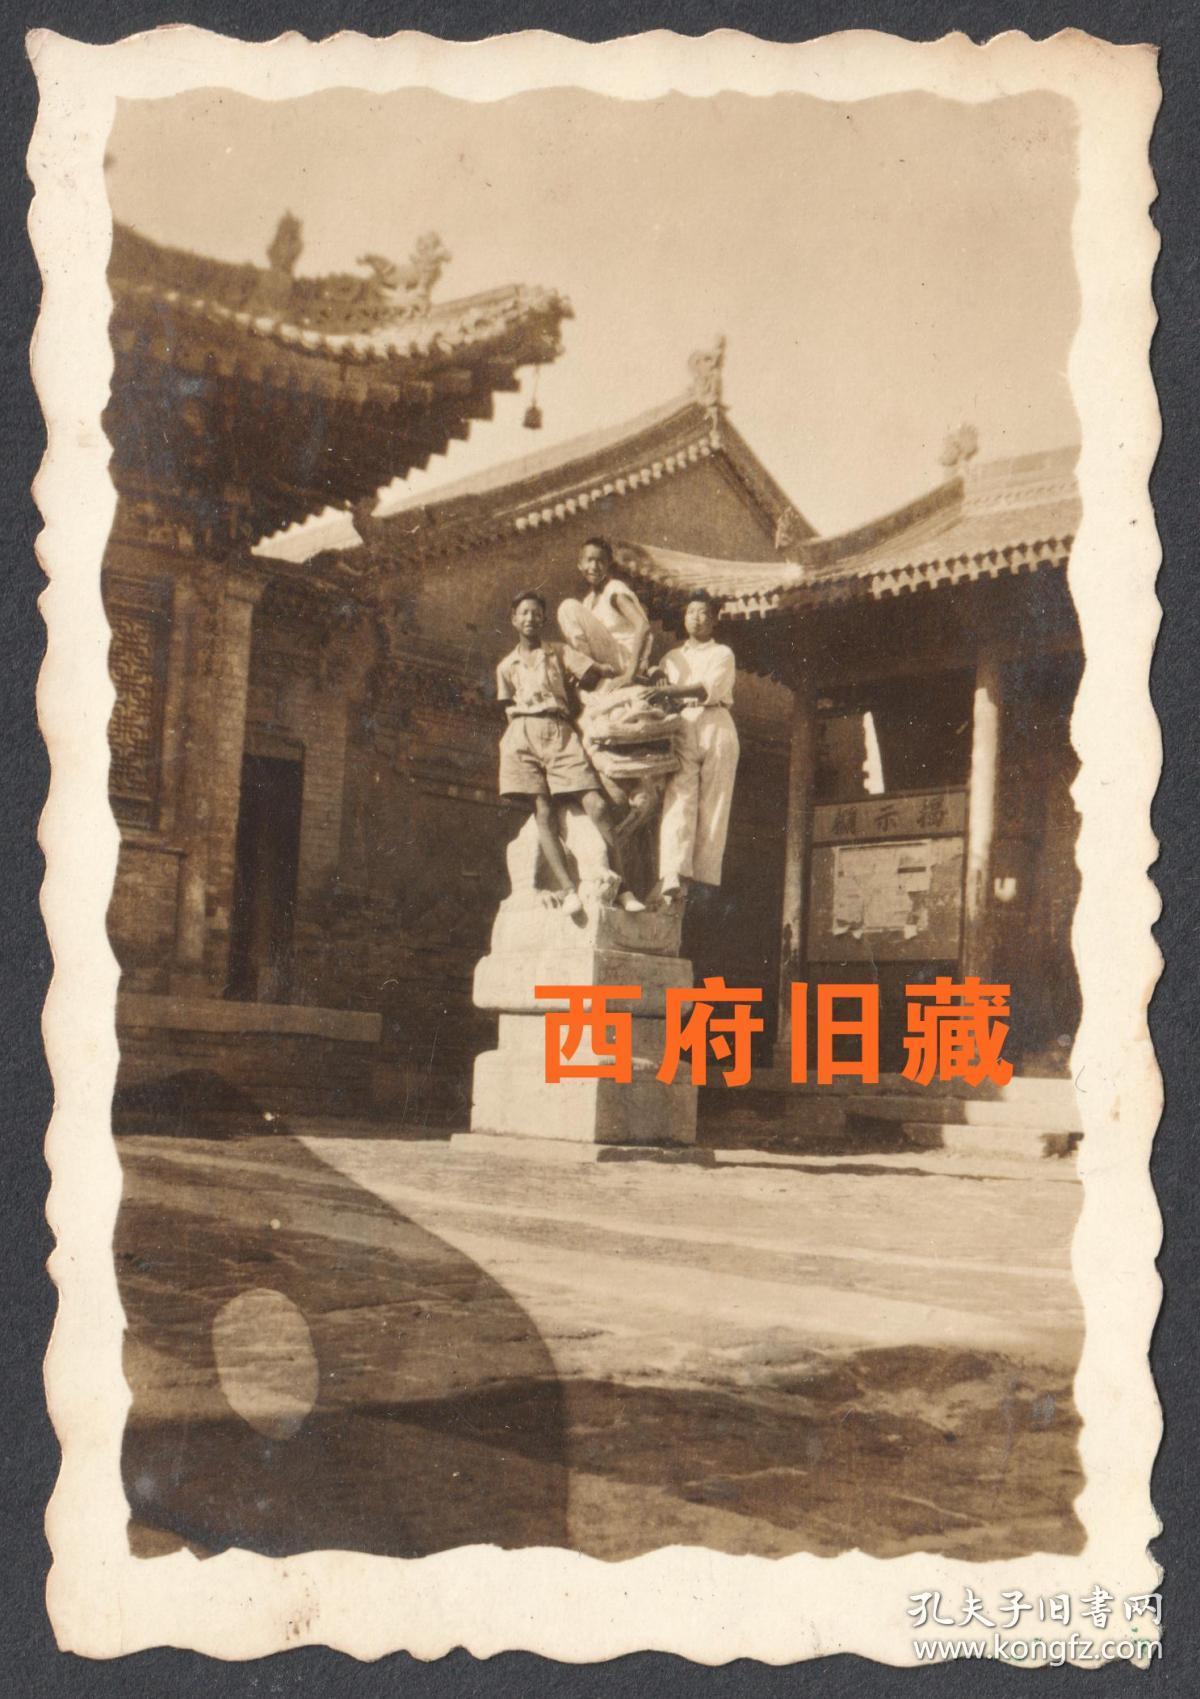 民国老照片,石头狮子上同学合影老照片